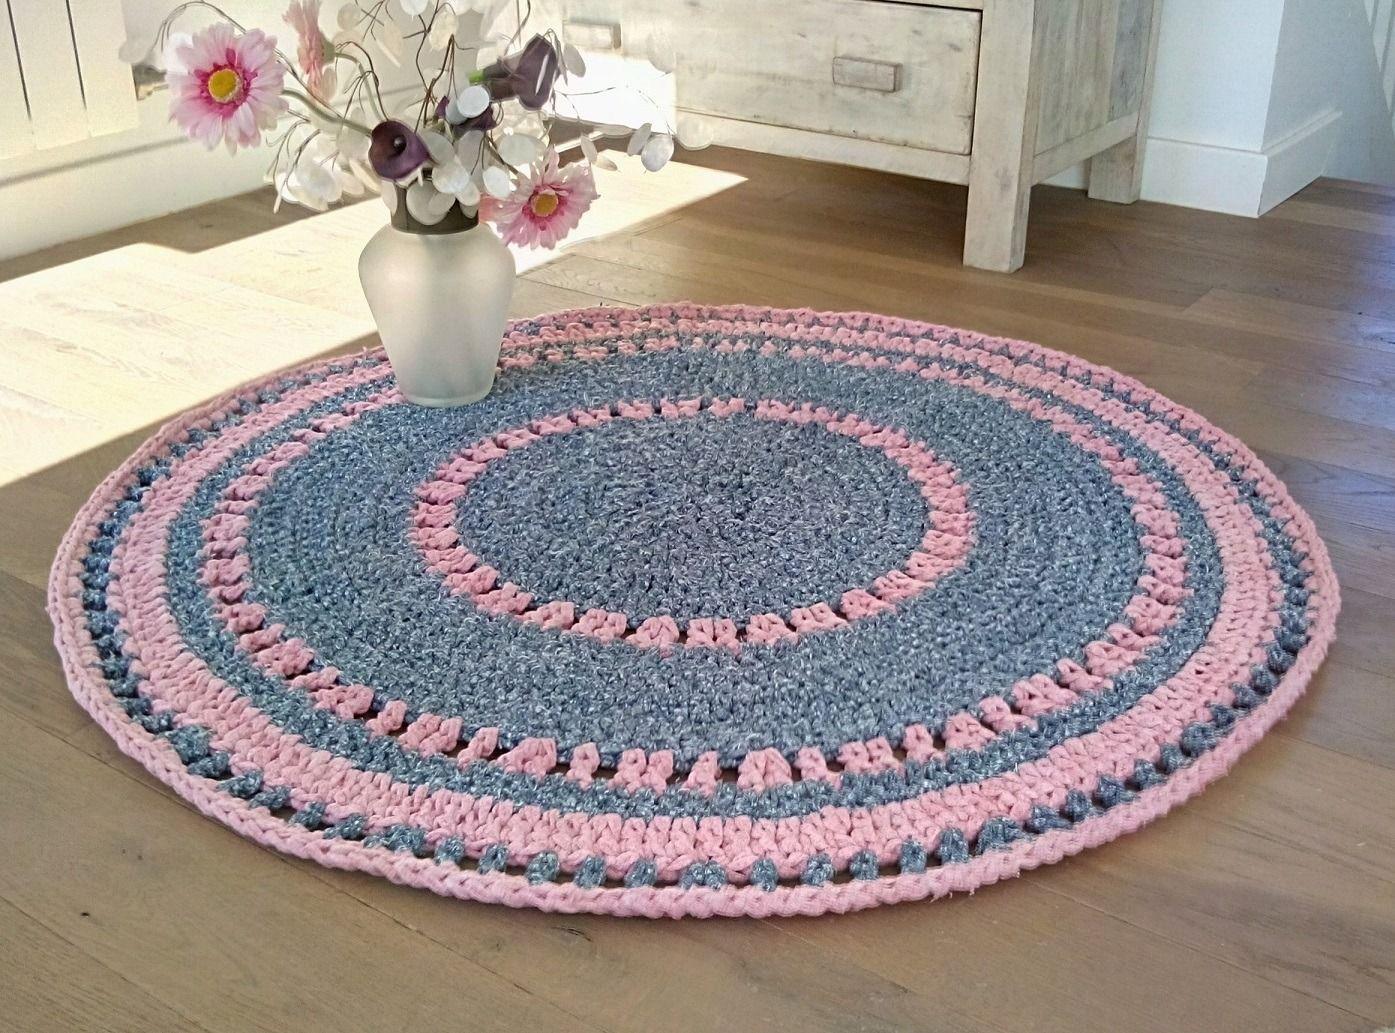 Tapis crochet, mélange de couleurs Bleu Gris Chiné, Rose, fait main ...